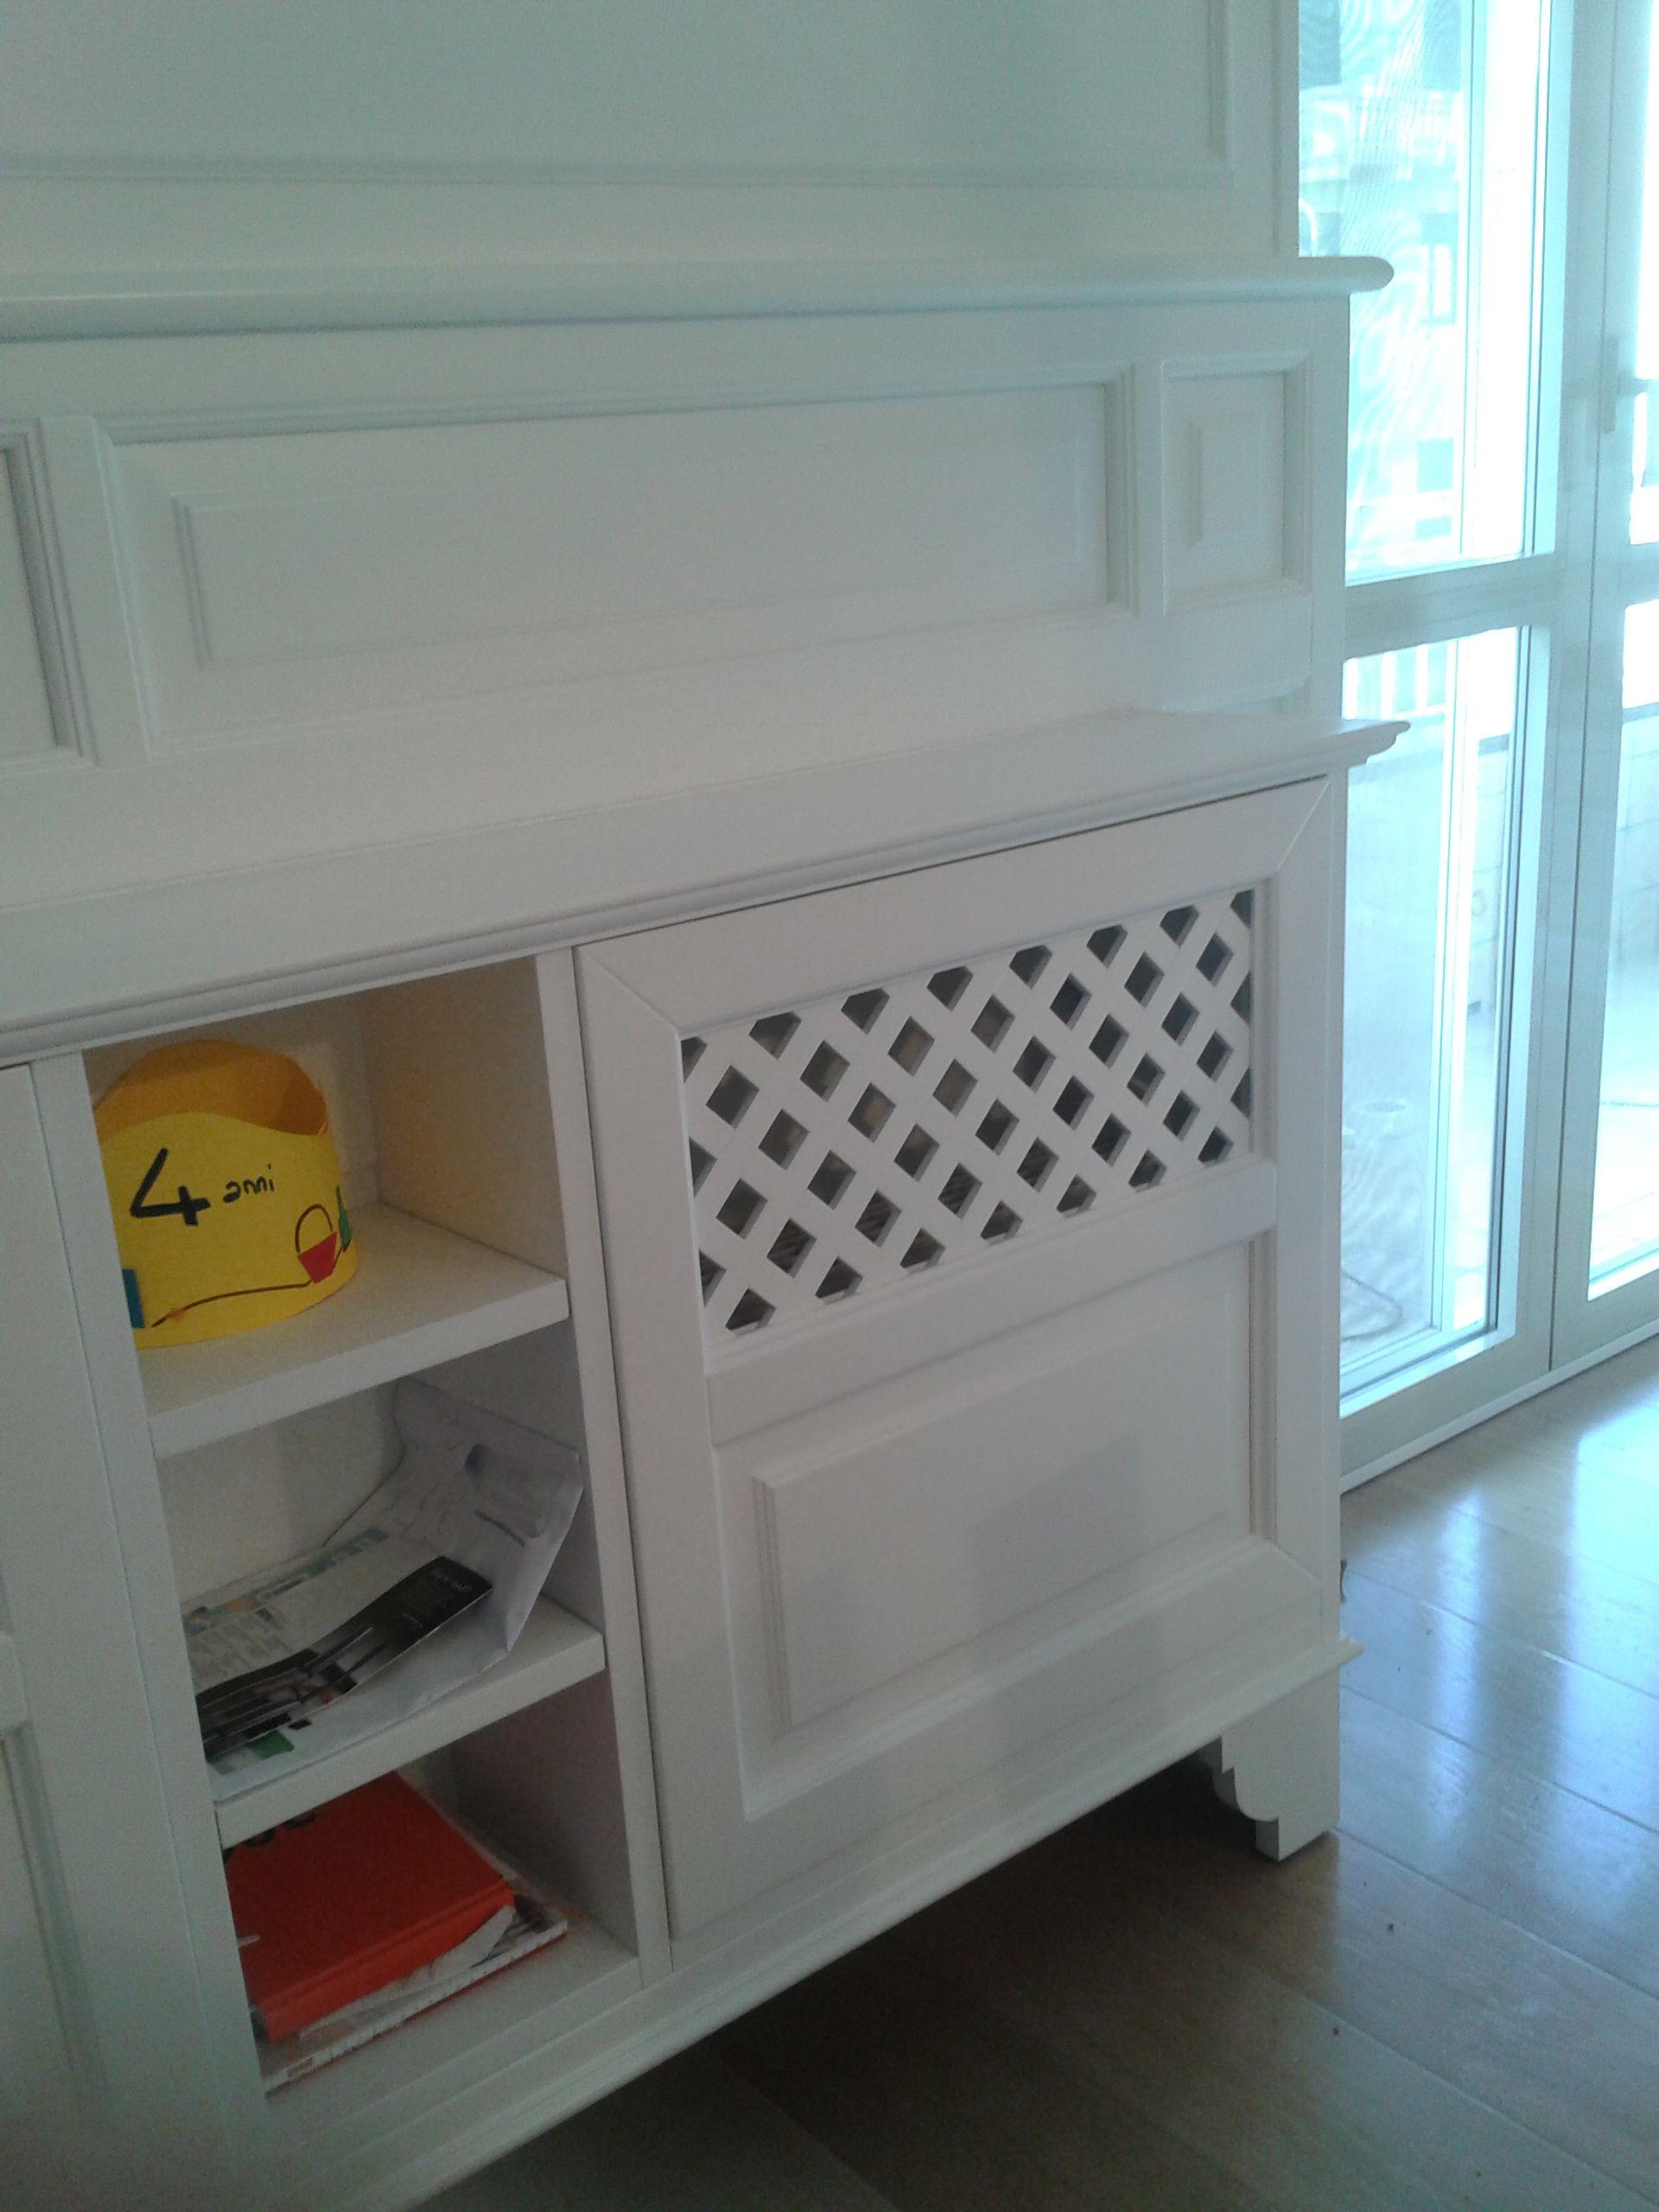 copri fancoil in legno laccato bianco con librerieta laterale copricaloriferi copri fancoil. Black Bedroom Furniture Sets. Home Design Ideas